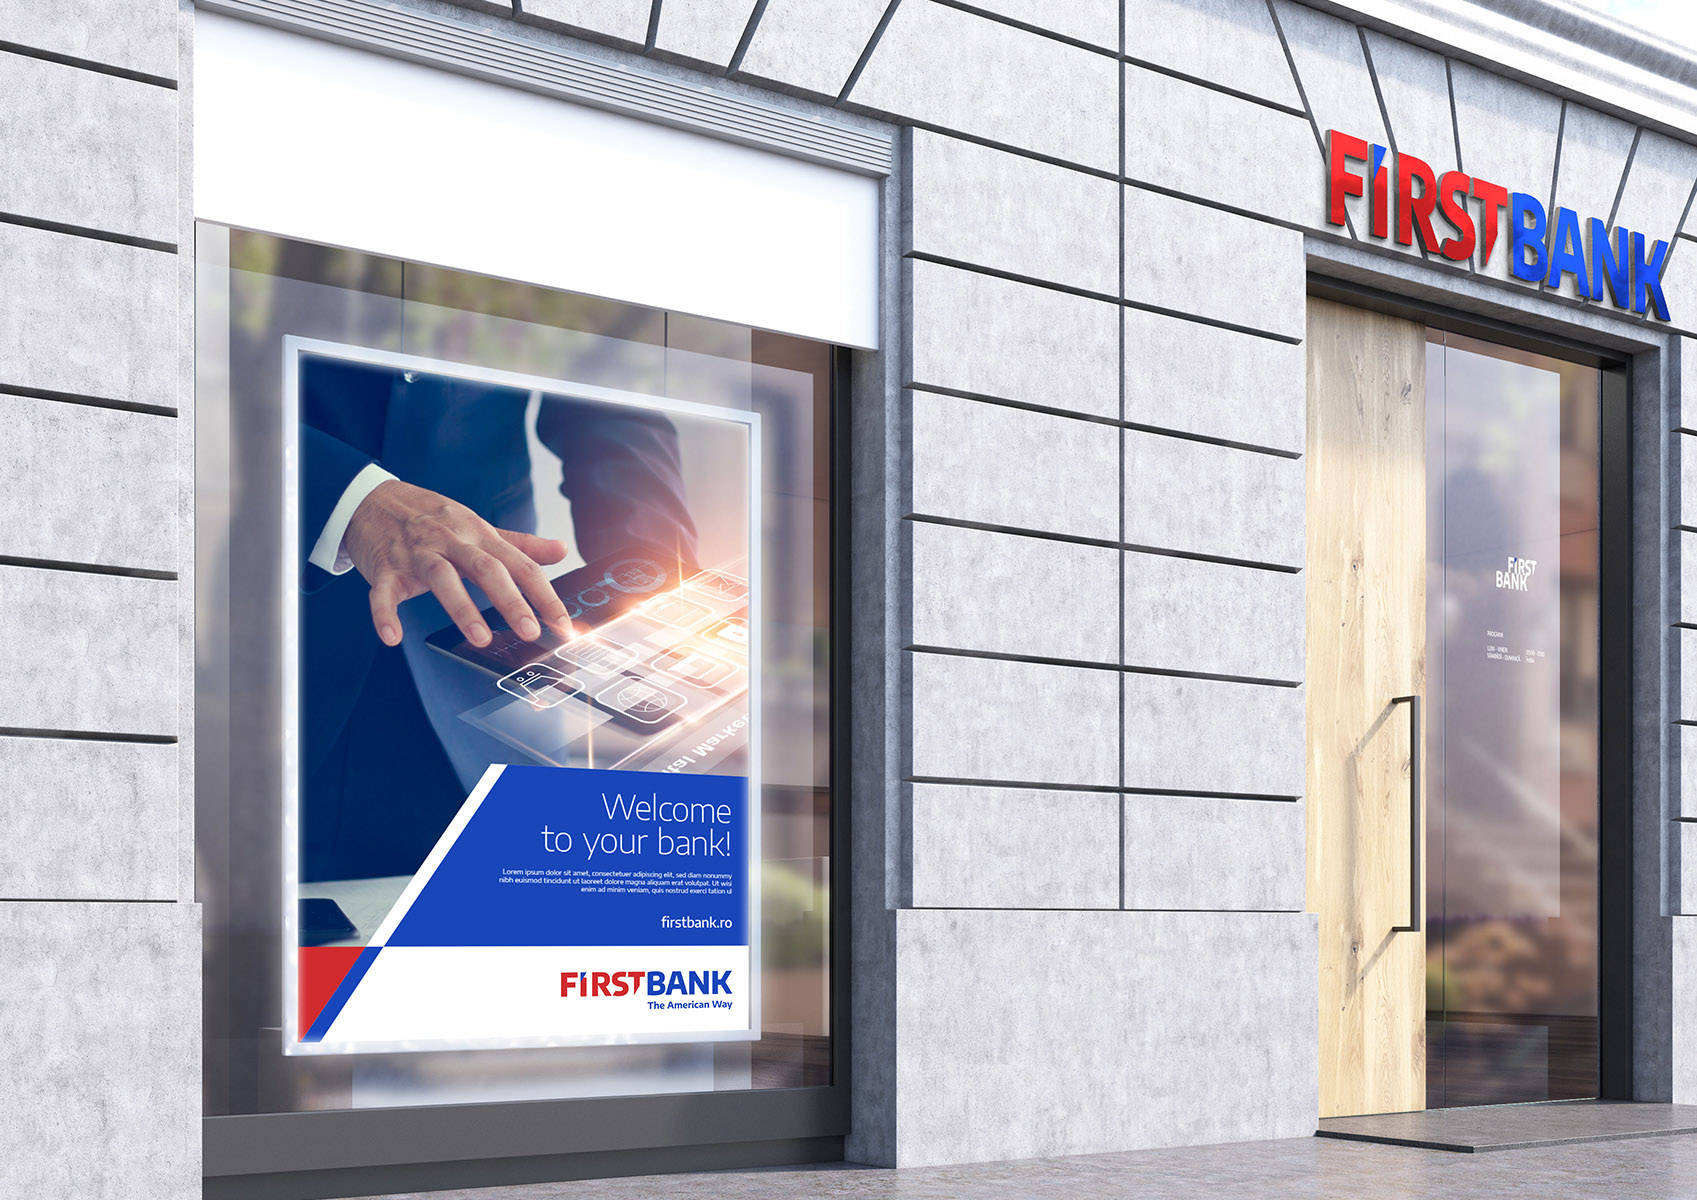 first bank portfolio inoveo facade